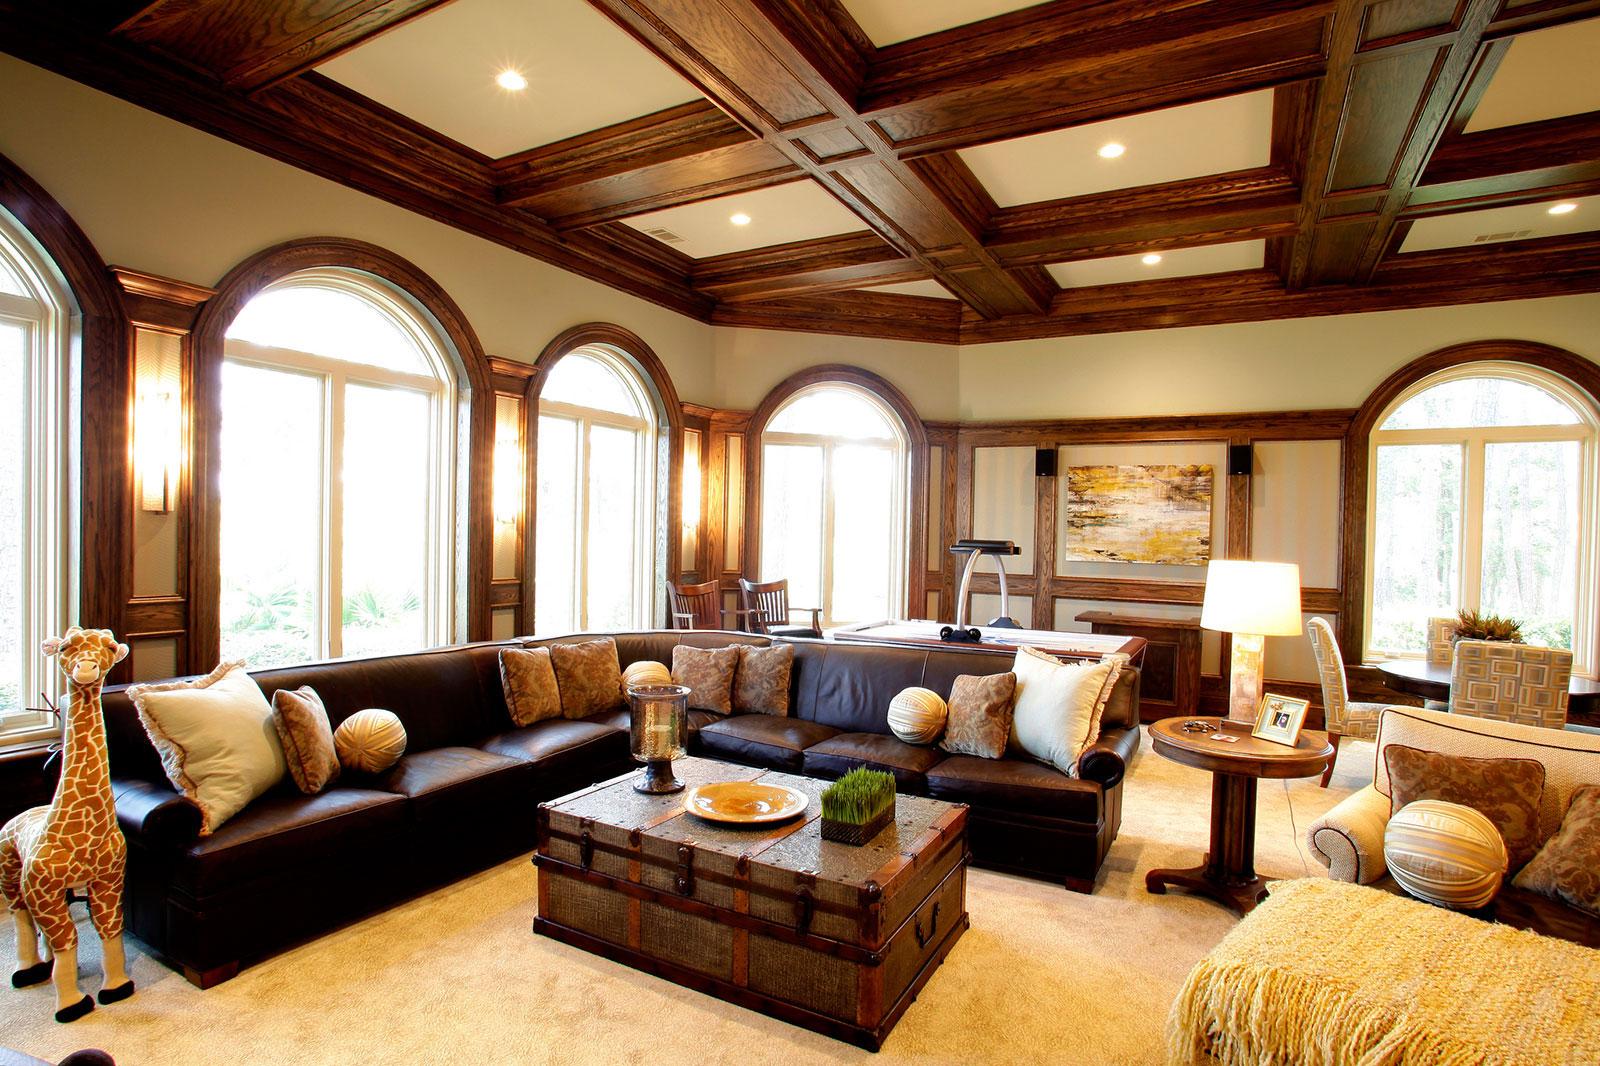 berkley-living-room-interior-design-1.jpg